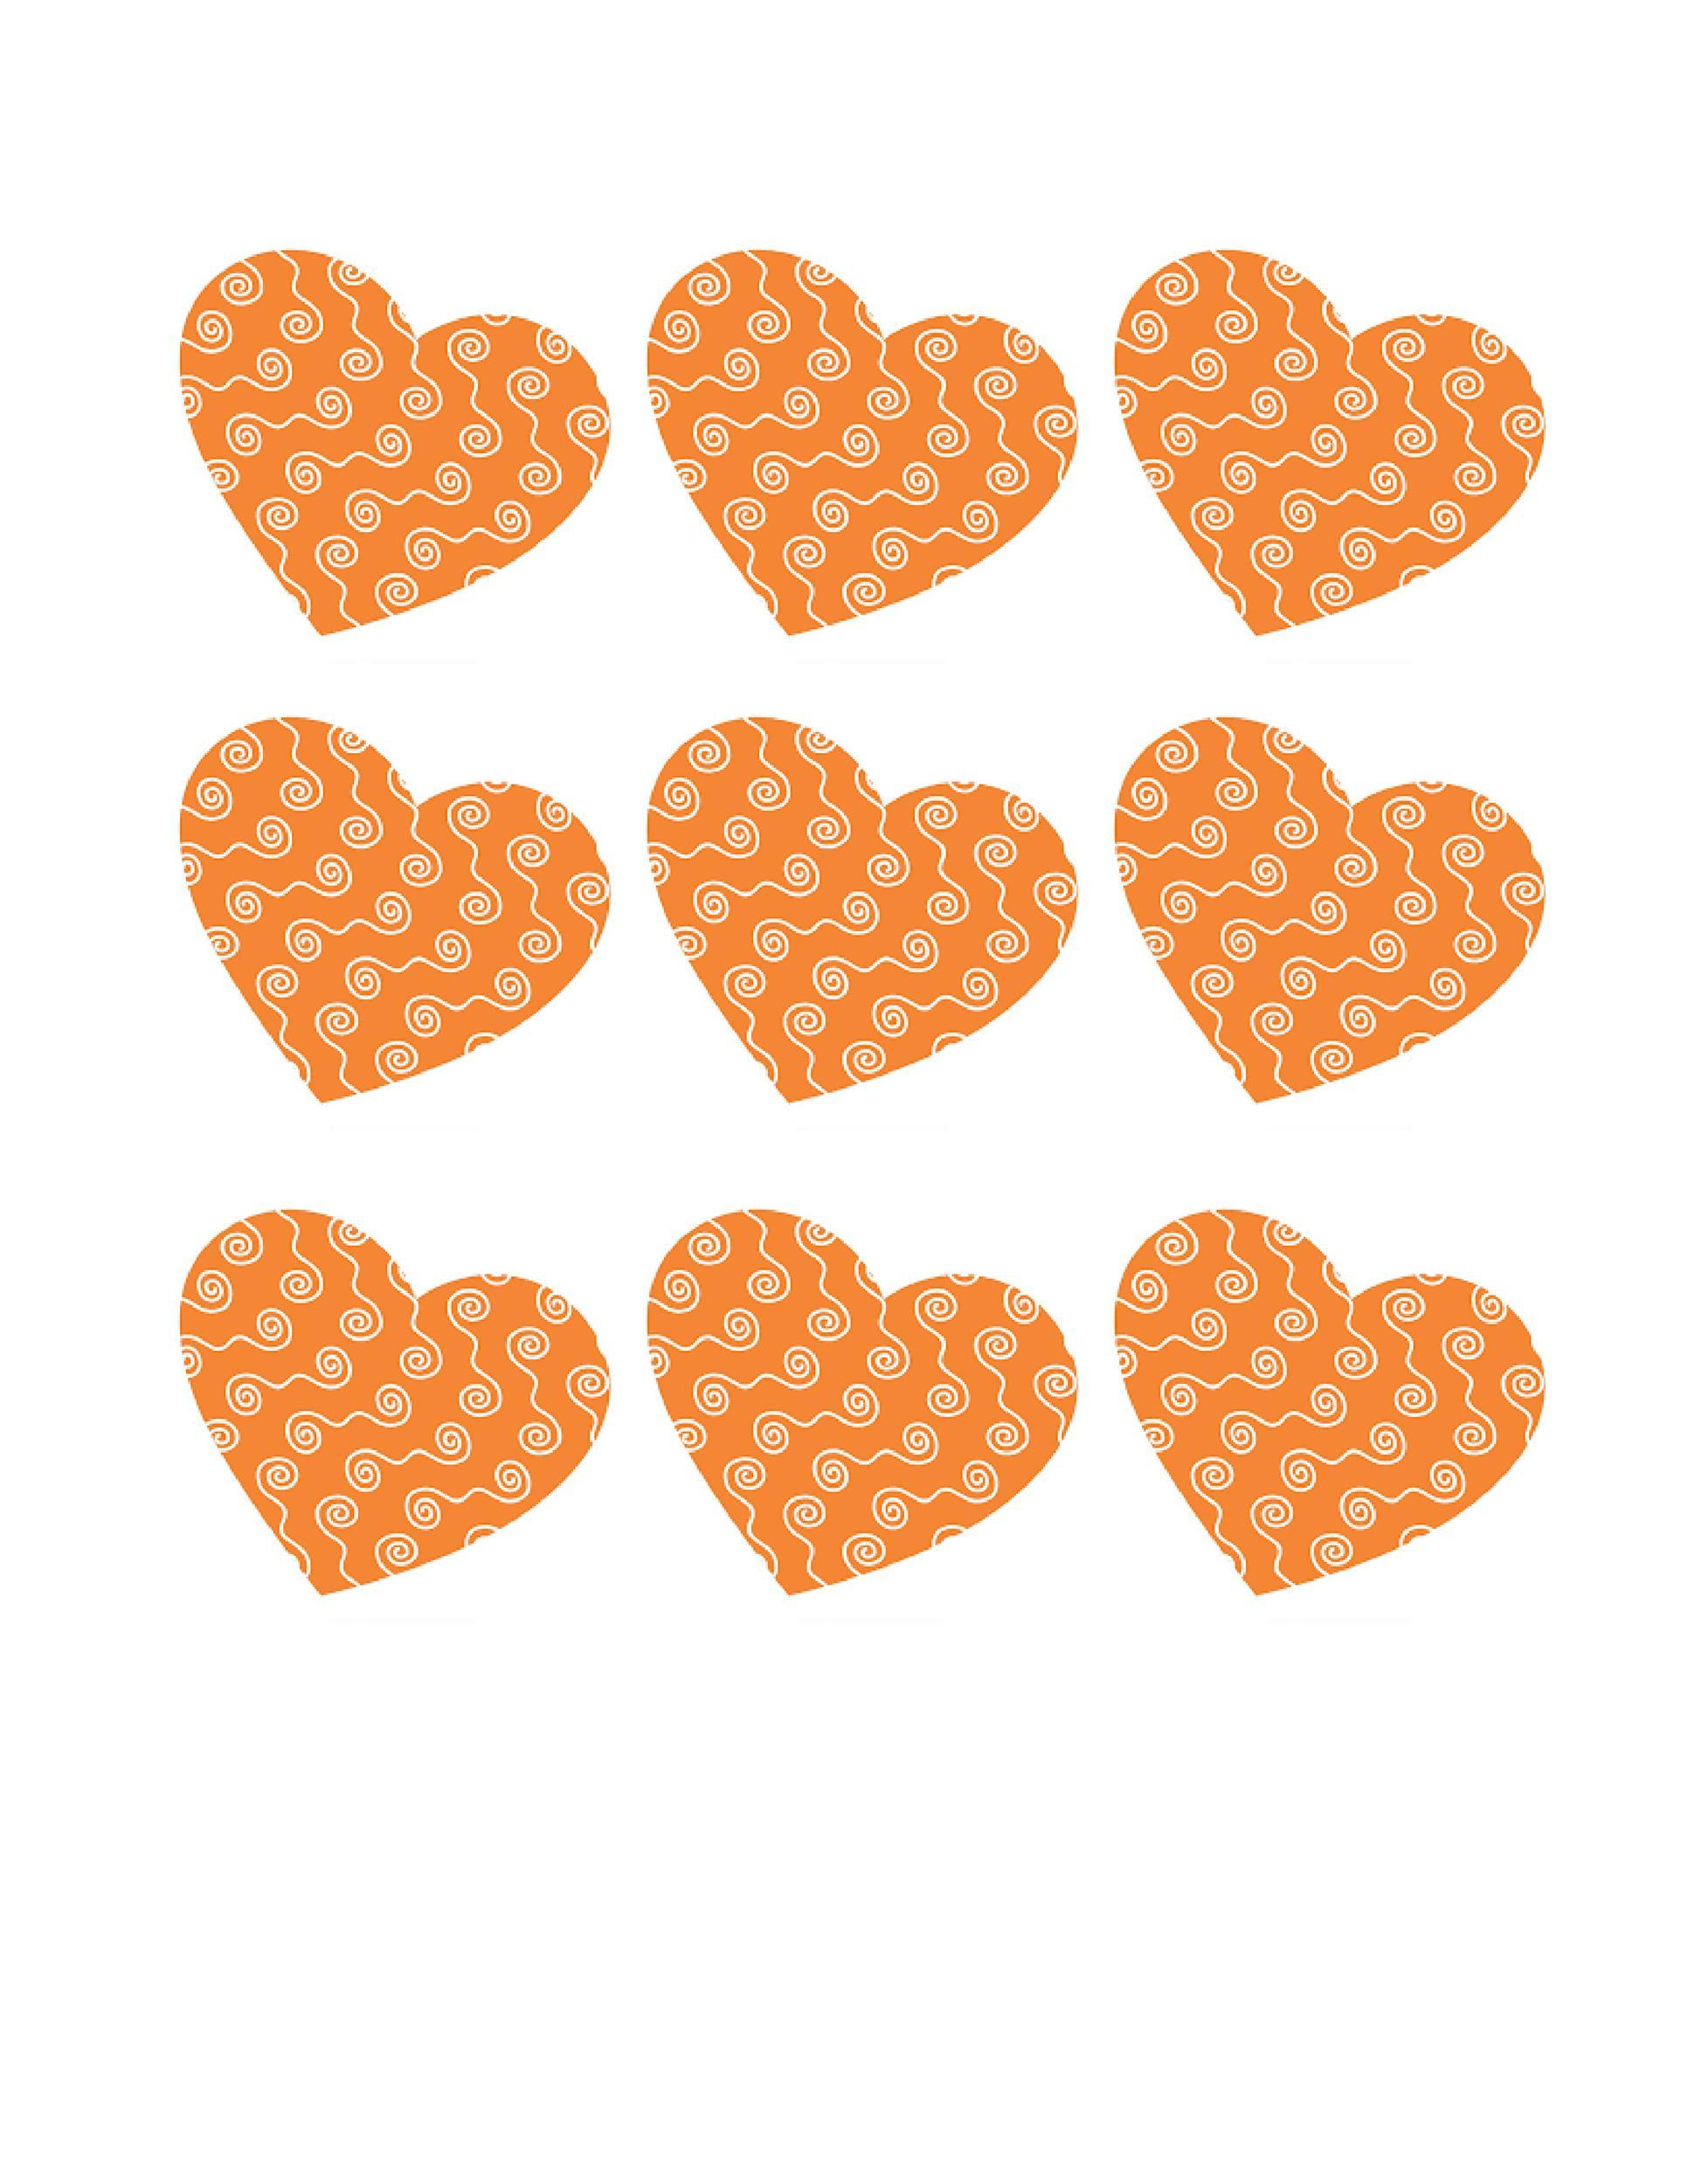 Free Heart Shape Template 24